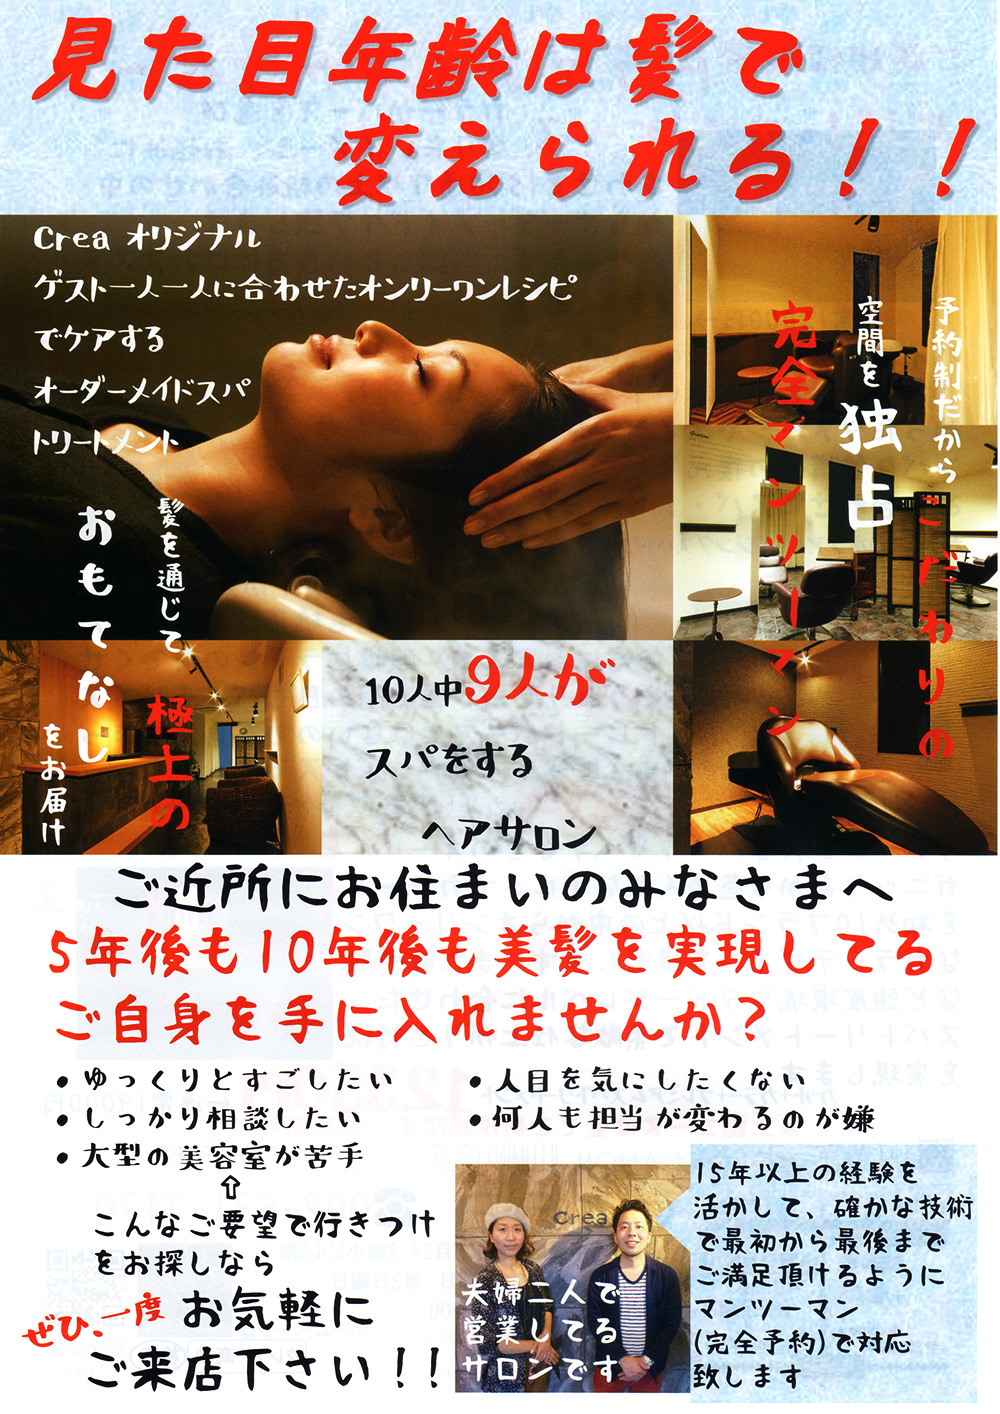 リラクゼーションスパ・ヘアサロン 美容室 crea(クレア)